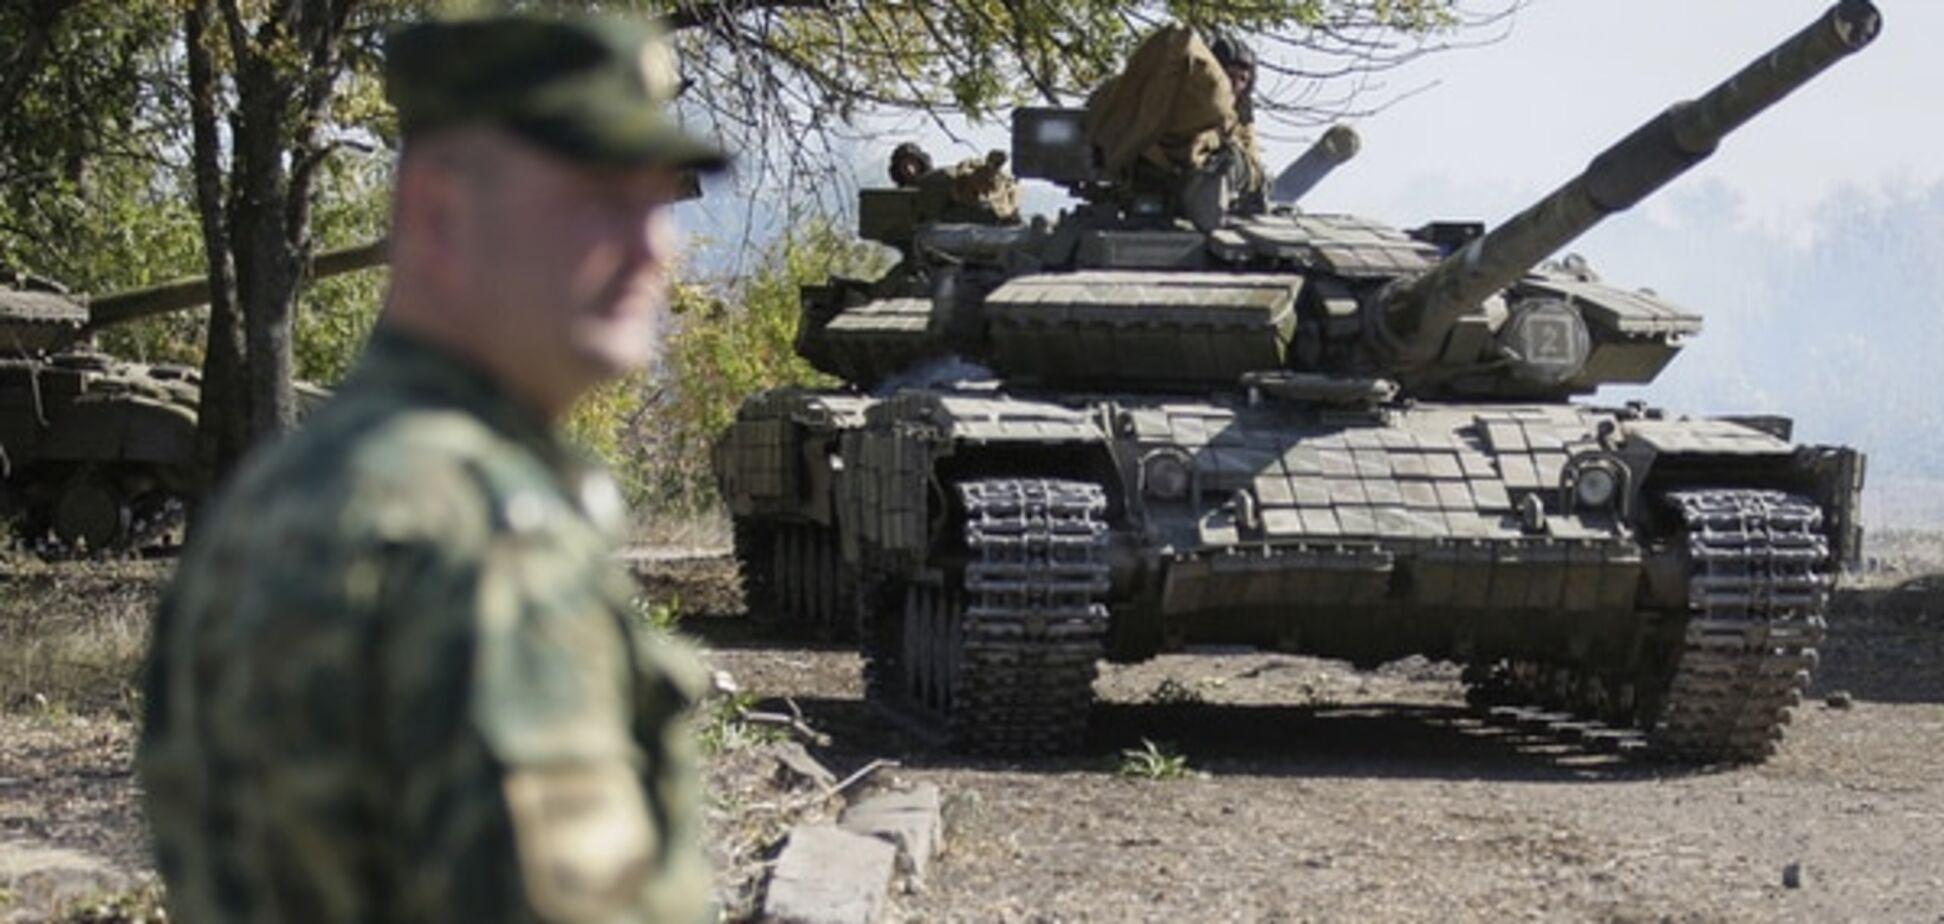 Орєшкін: конфлікт на Донбасі закінчиться 'мирним перепихуванням'